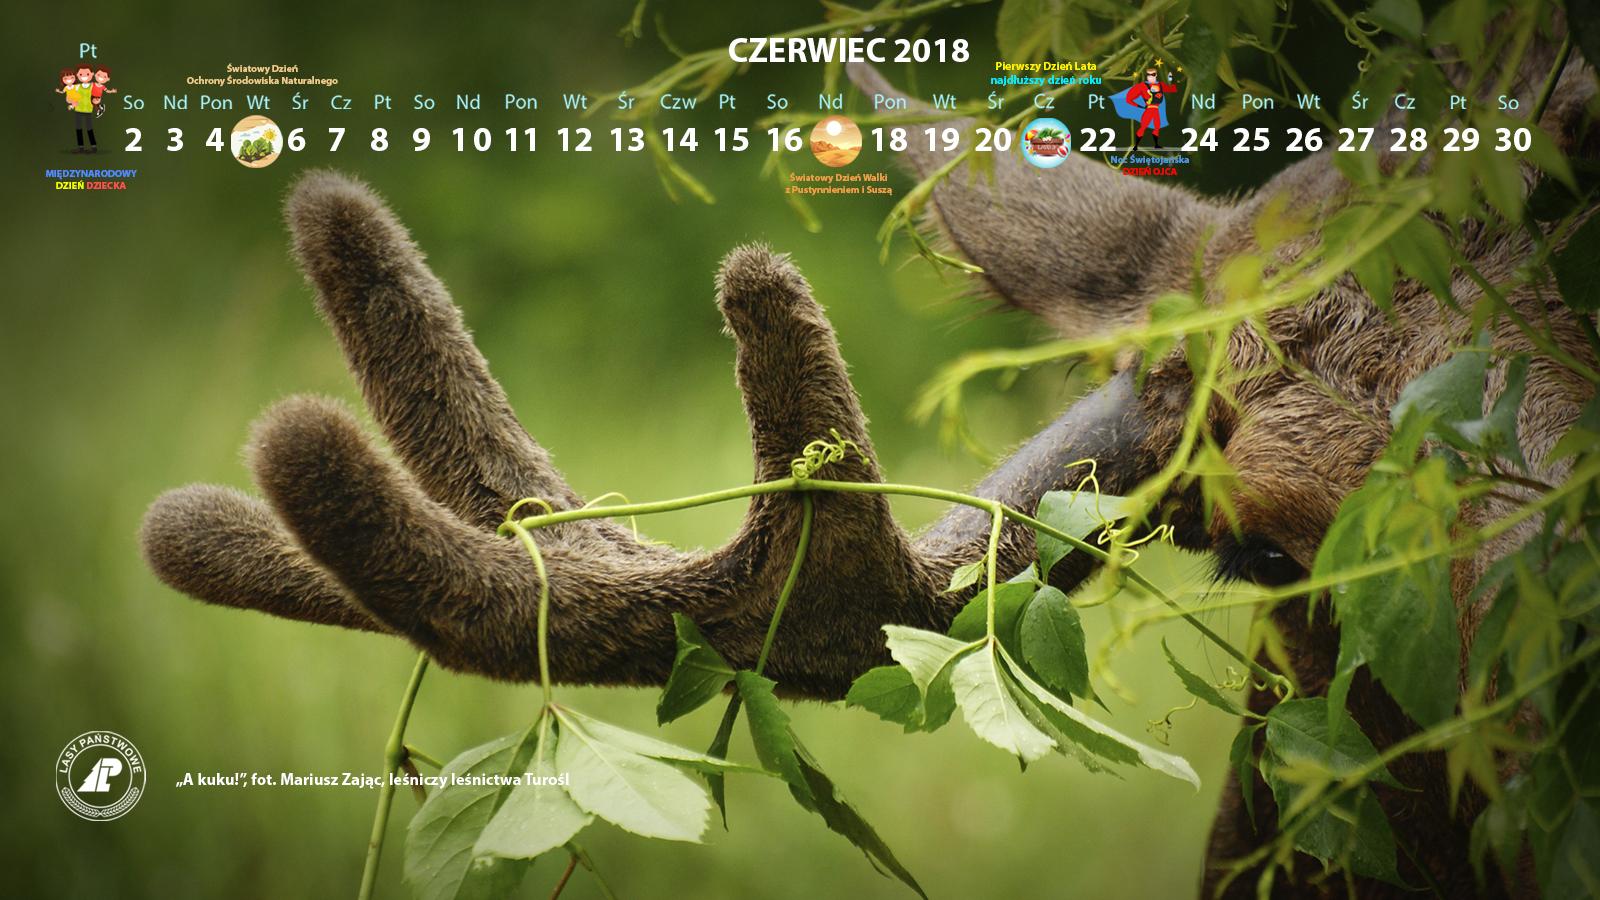 Kalendarz_czerwiec_2018_1600x900[1].jpg